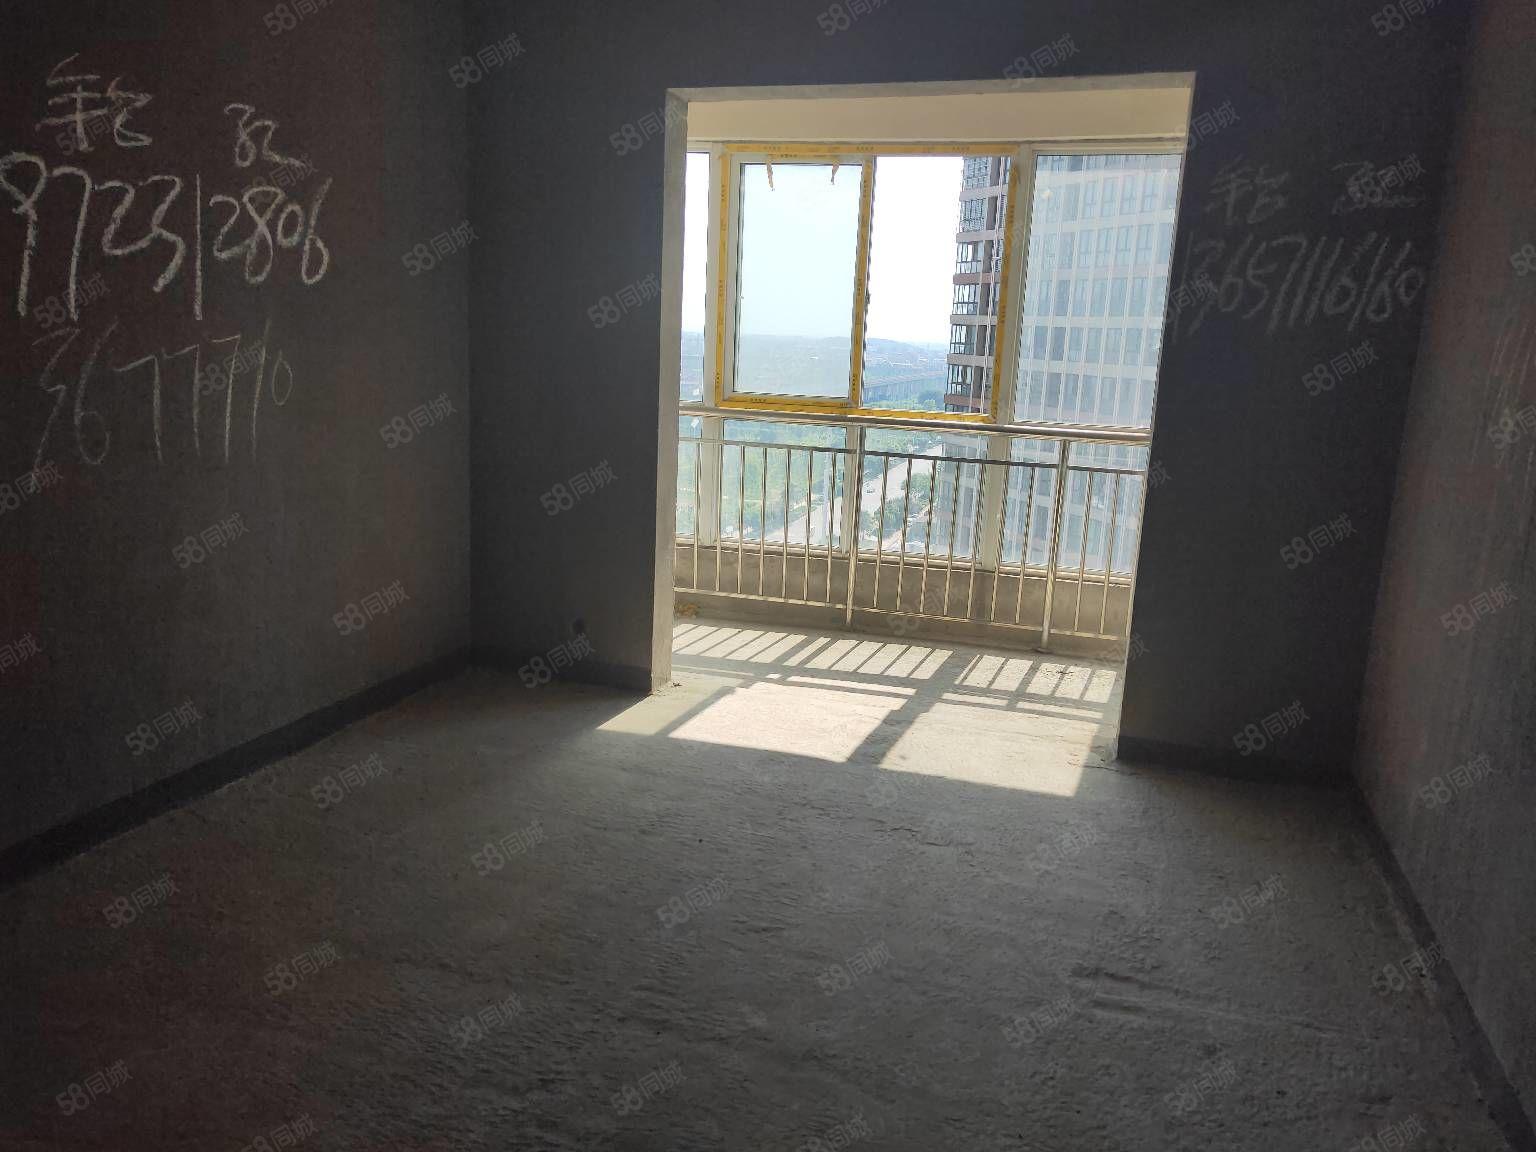 城南附近好电梯房价格房子光线南北通透